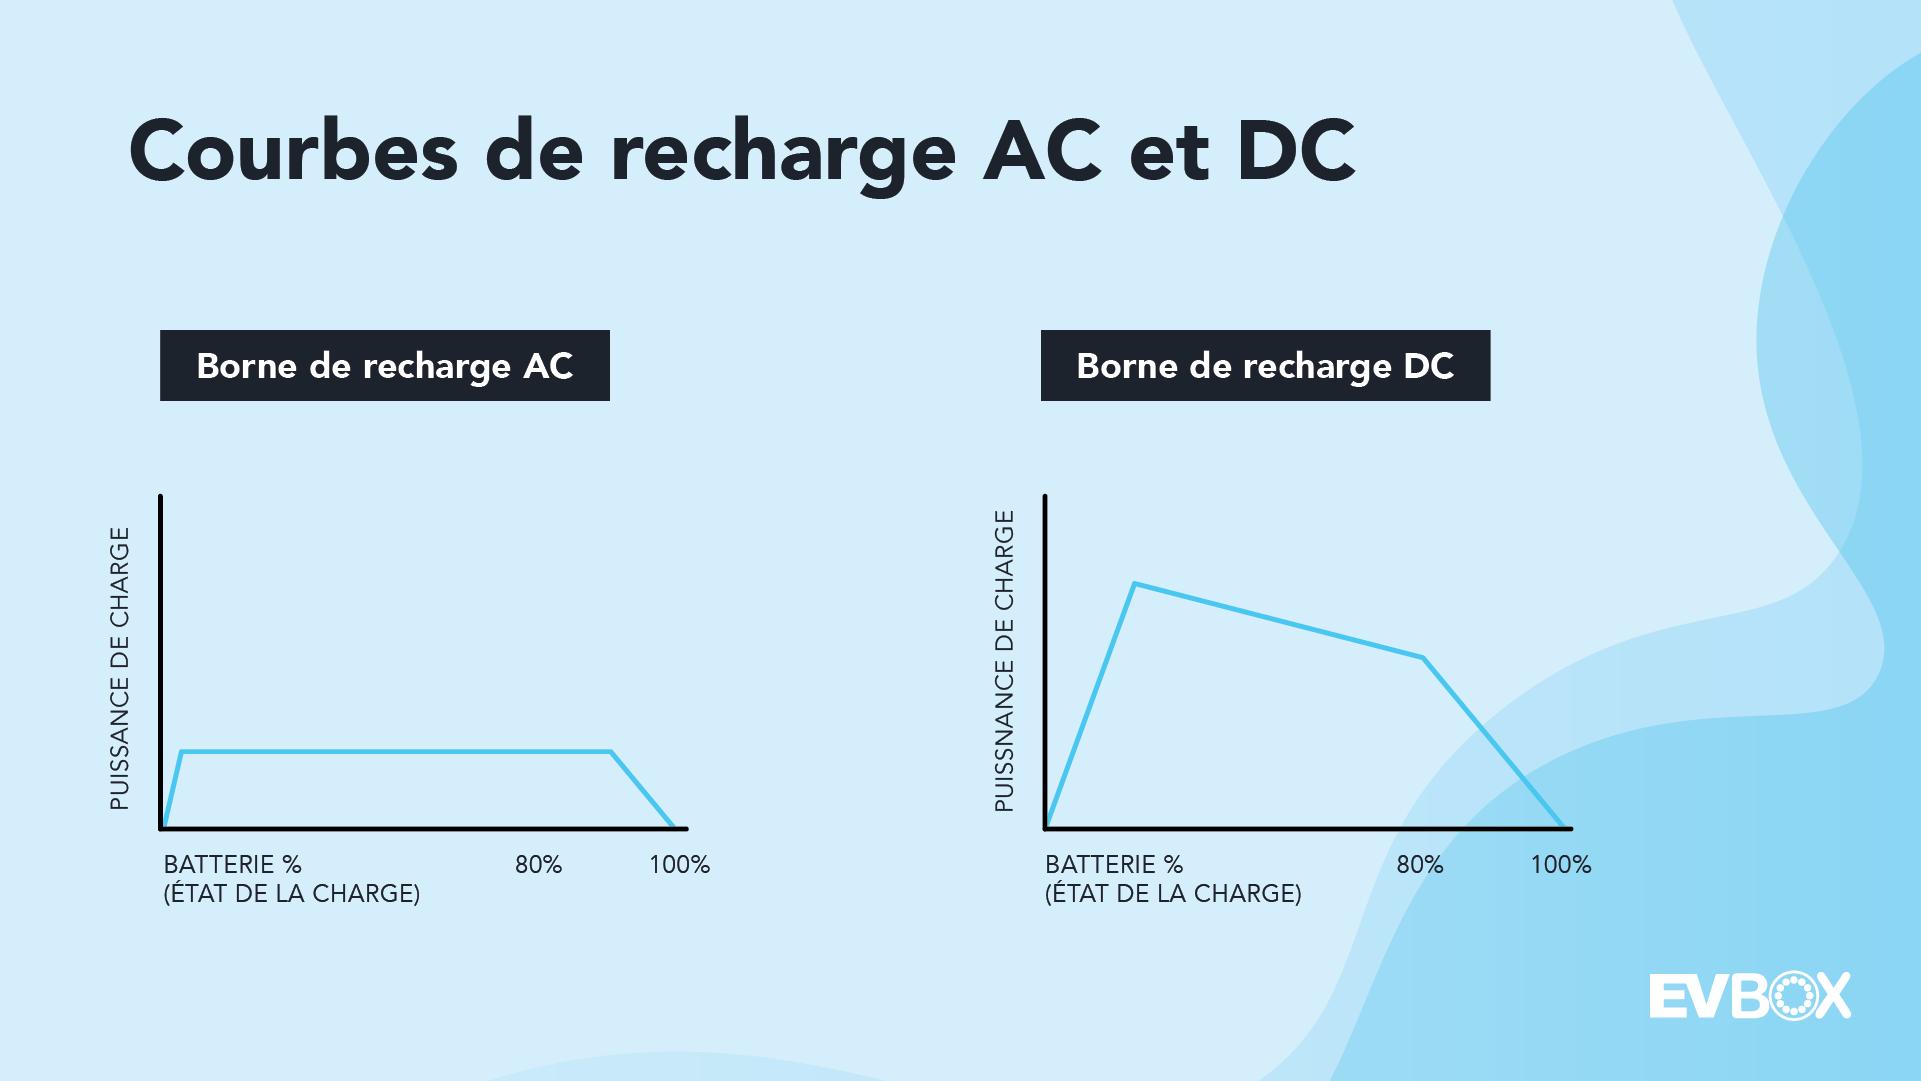 Courbes de recharge AC et DC